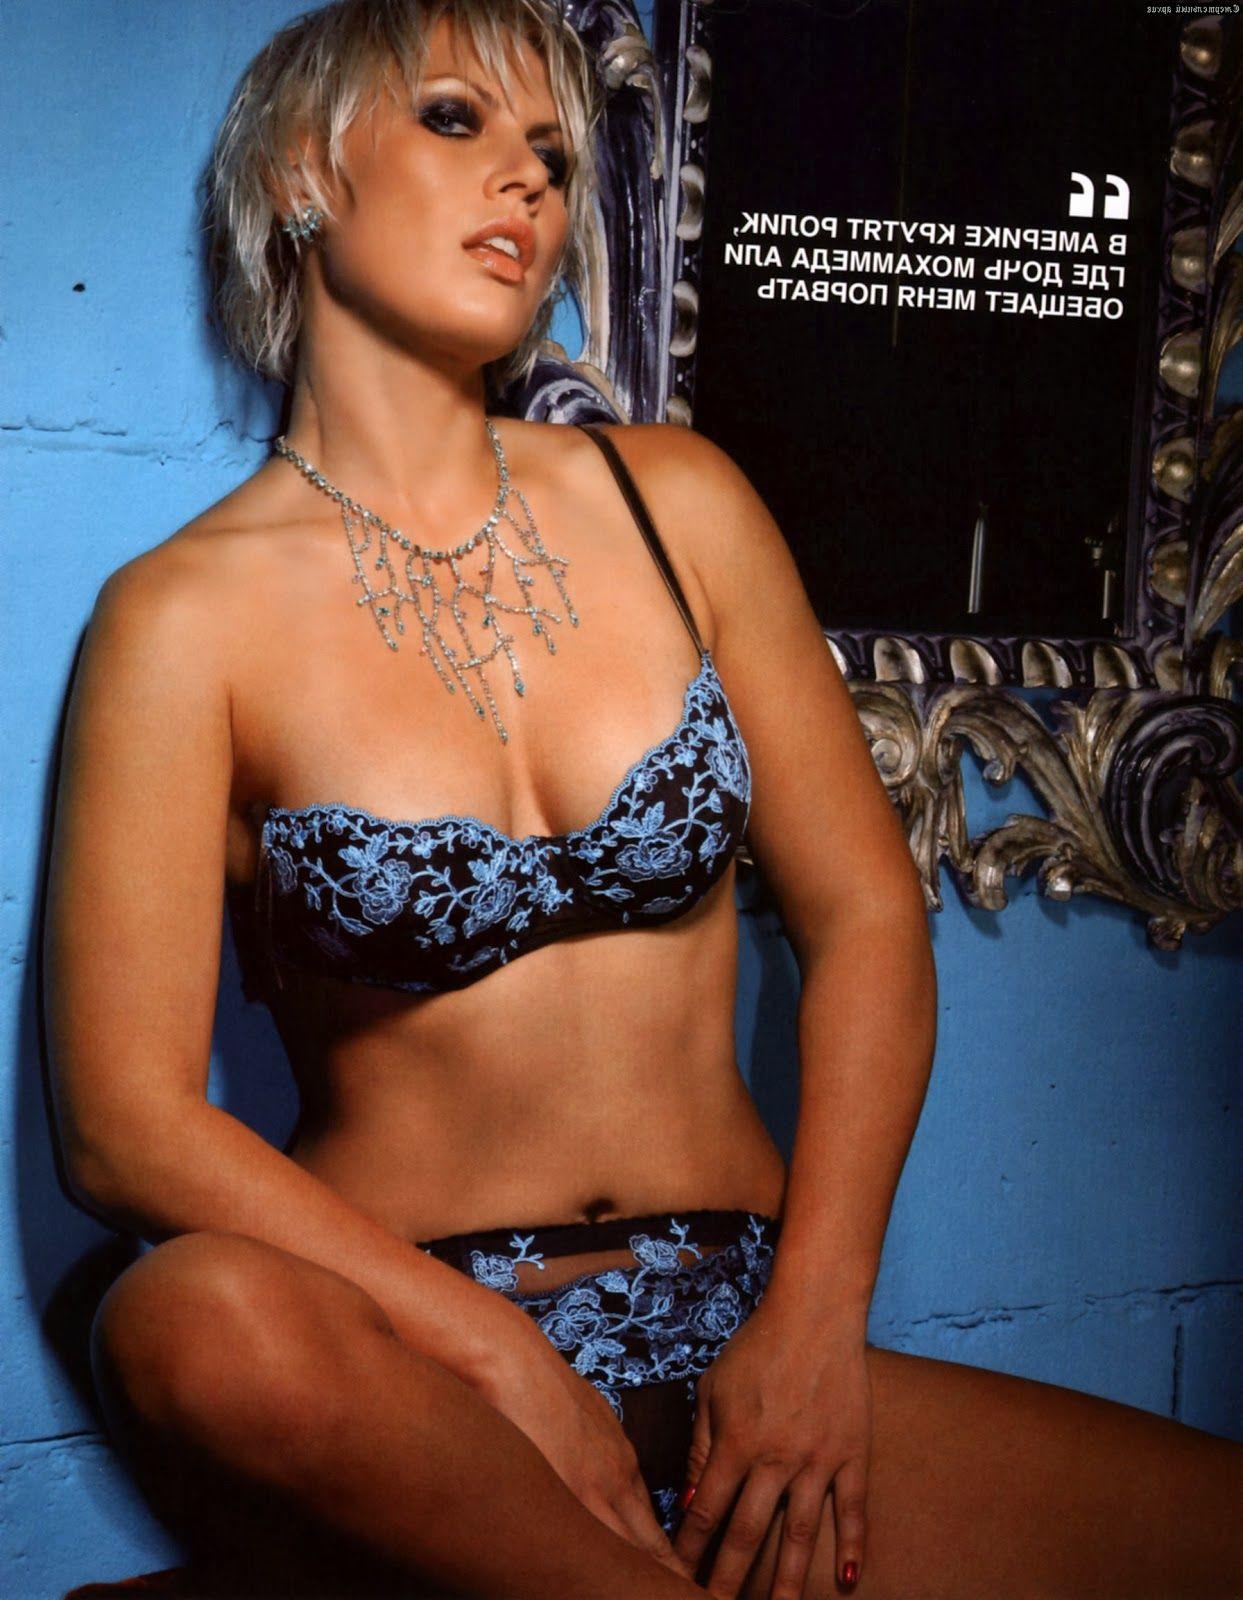 фото натальи рогозиной для журнала билд слов коллег